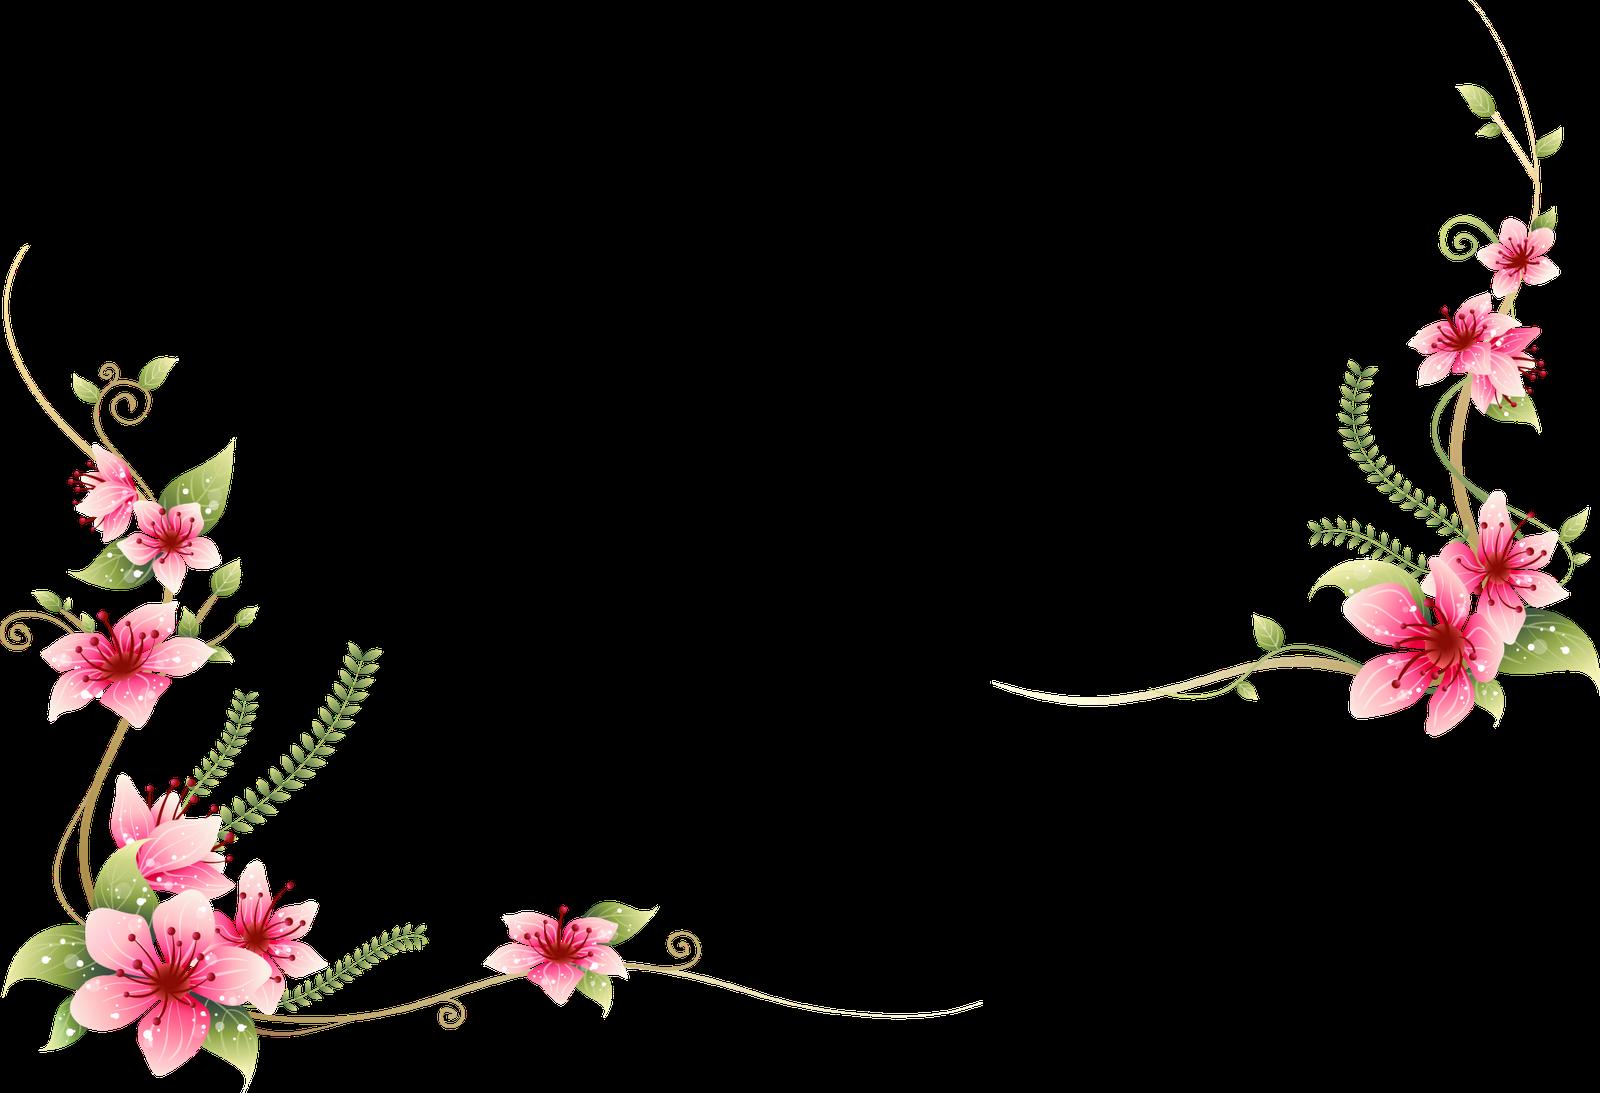 ผลการค นหาร ปภาพสำหร บ frame flower vector png bingkai kartu frame flower vector png